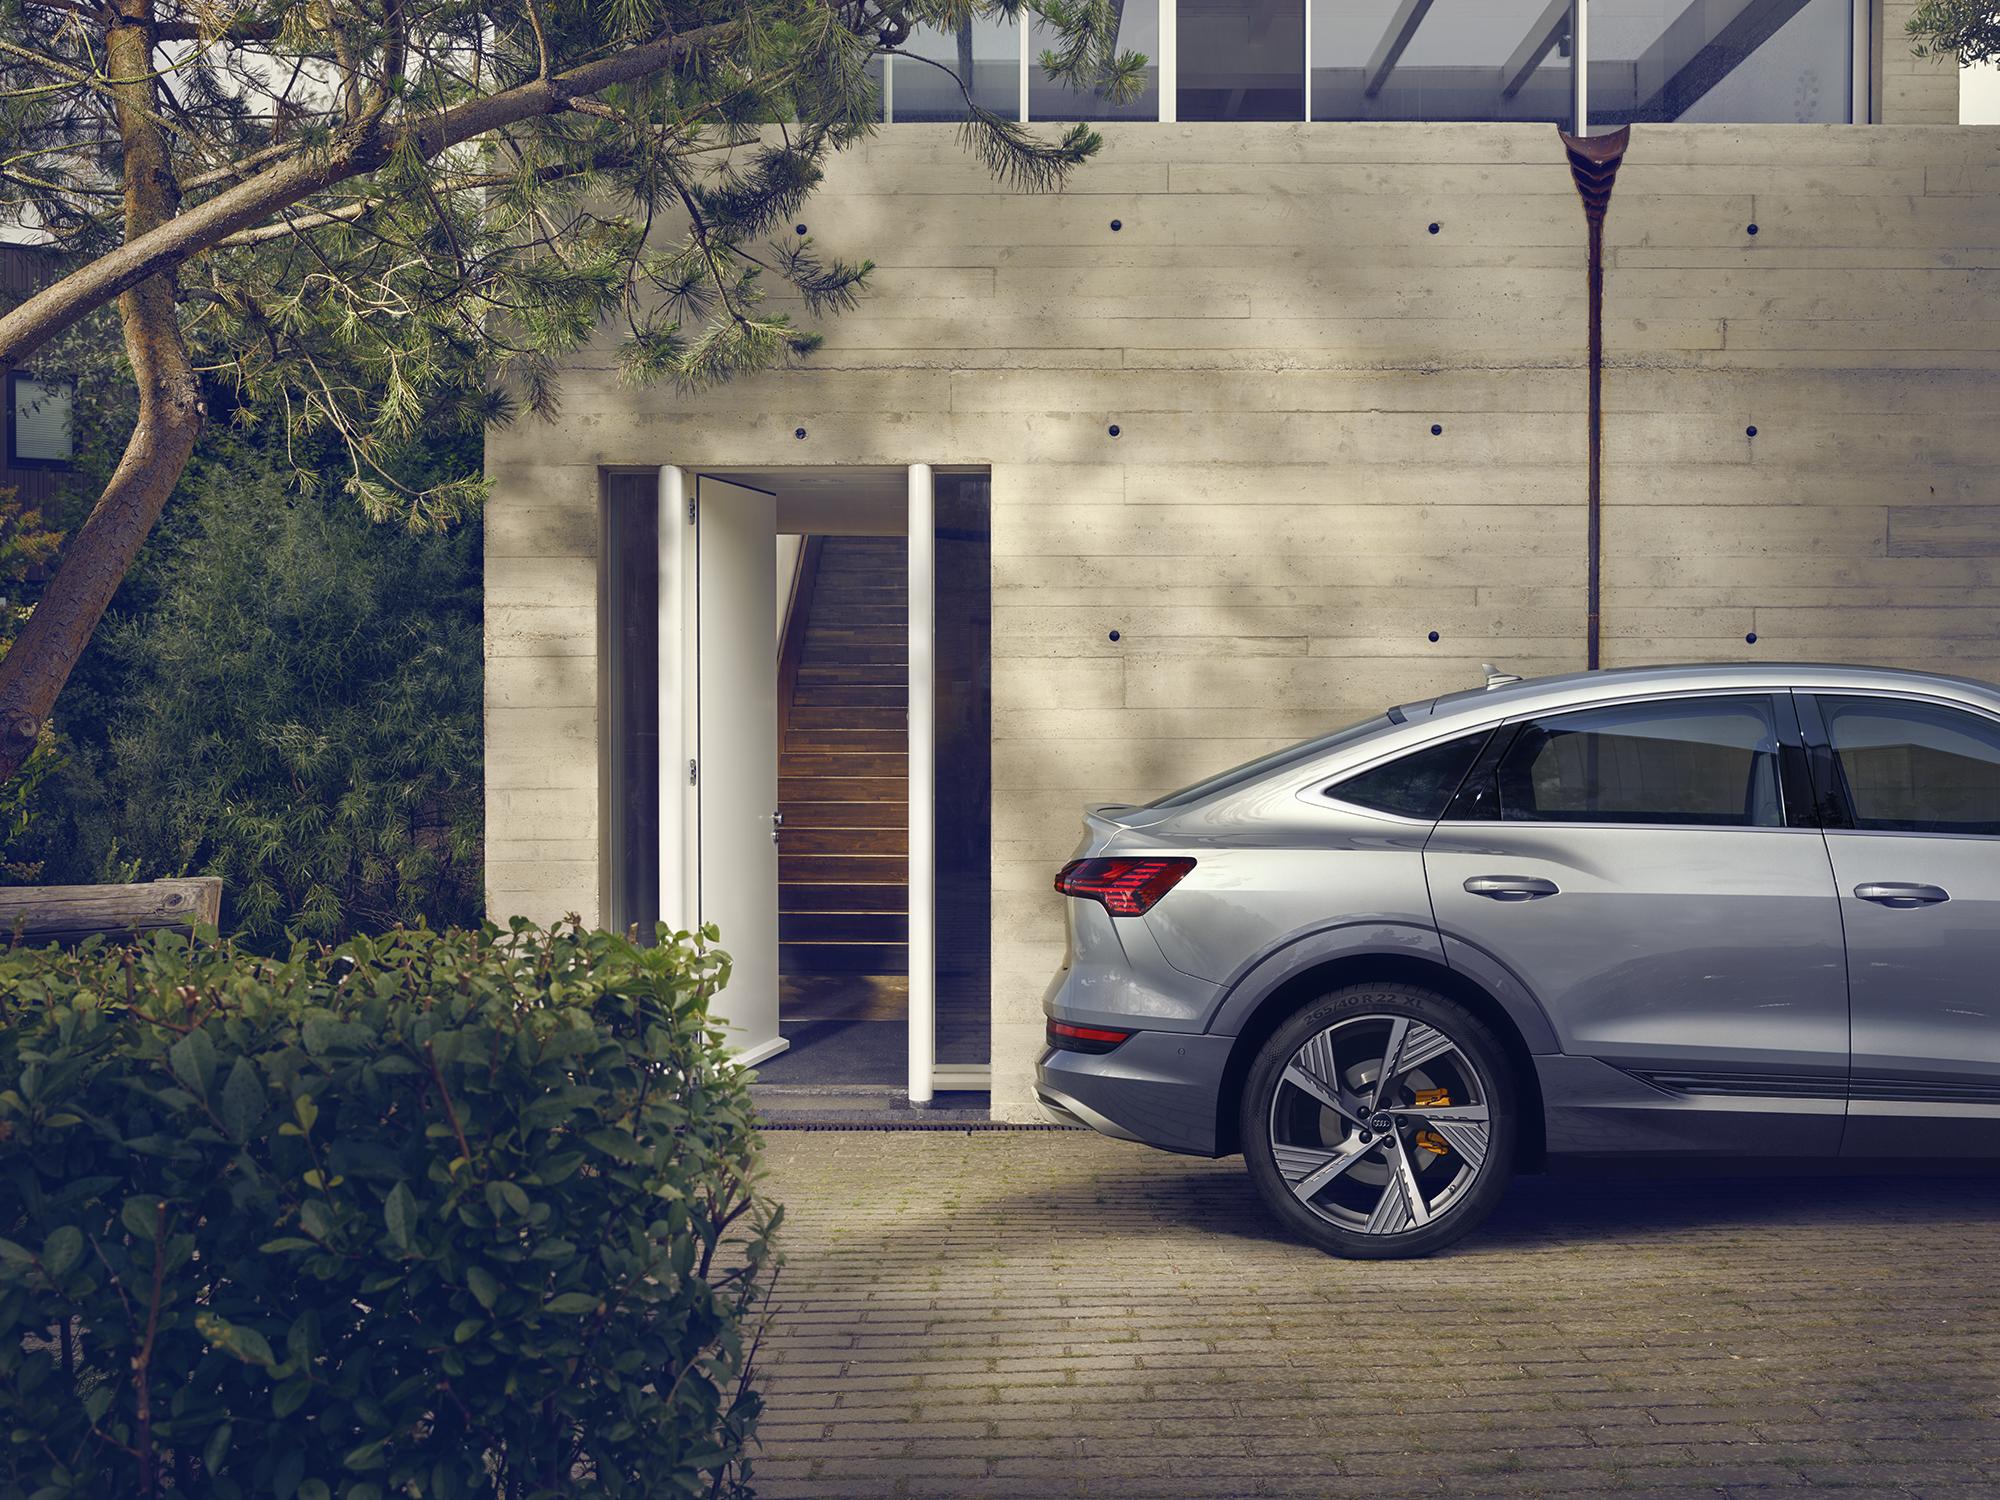 Audi e-tron sportback pred moderno betonsko hišo, na kateri so odprta vhodna vrata